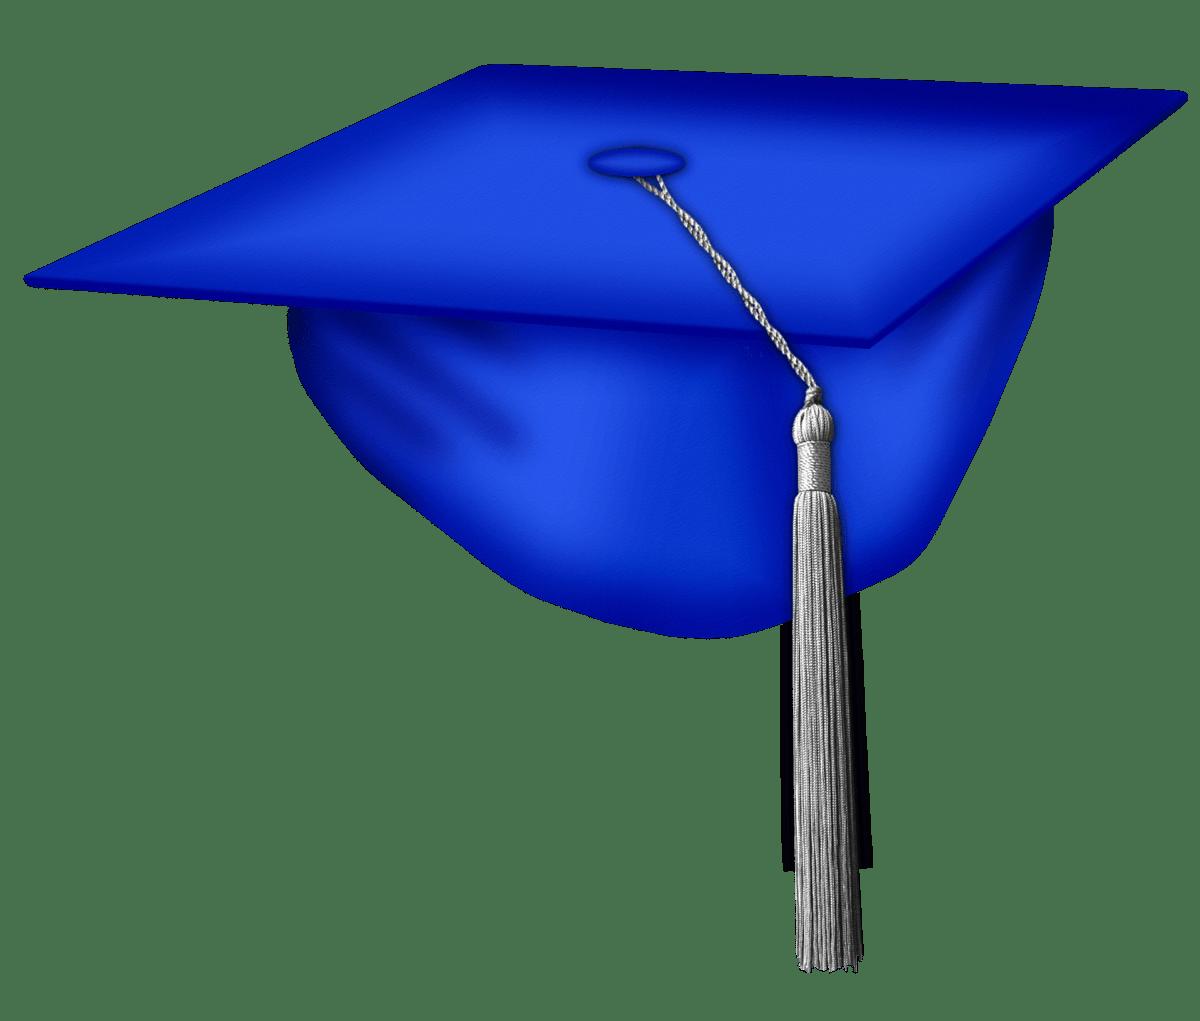 Graduation cap clipart navy blue pictures on Cliparts Pub ...